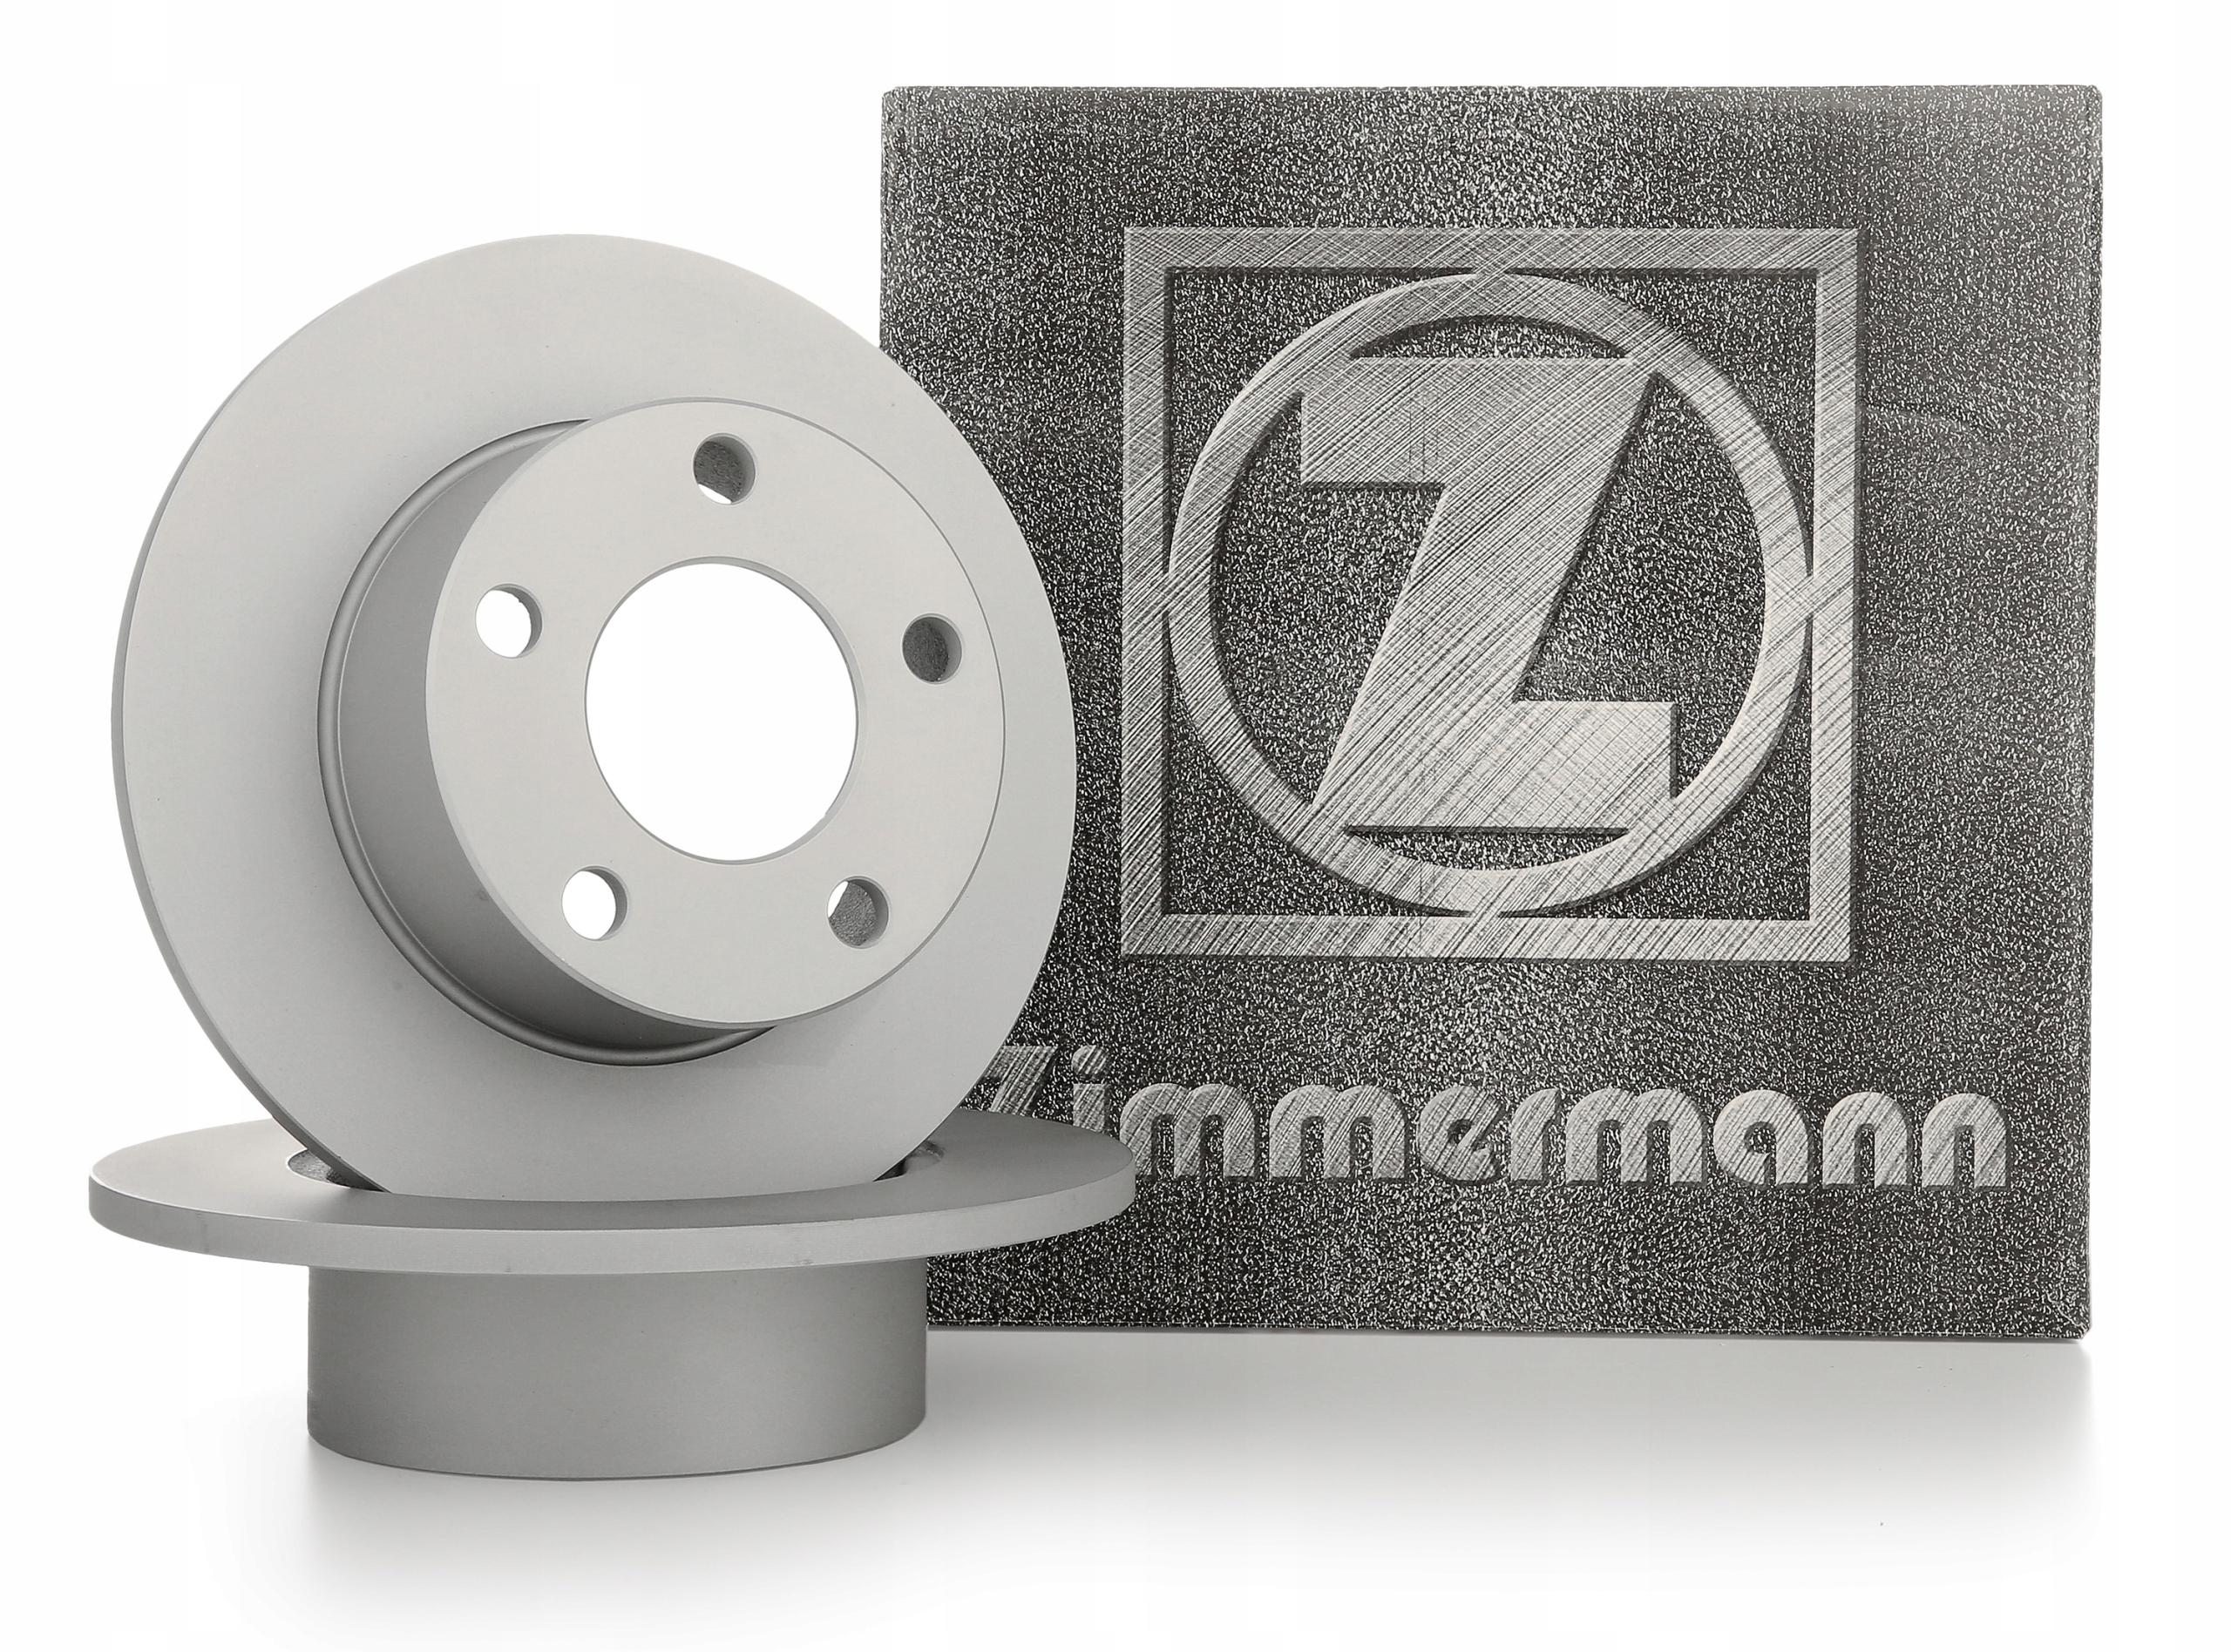 диски zimmermann сзади - honda accord vii 260mm